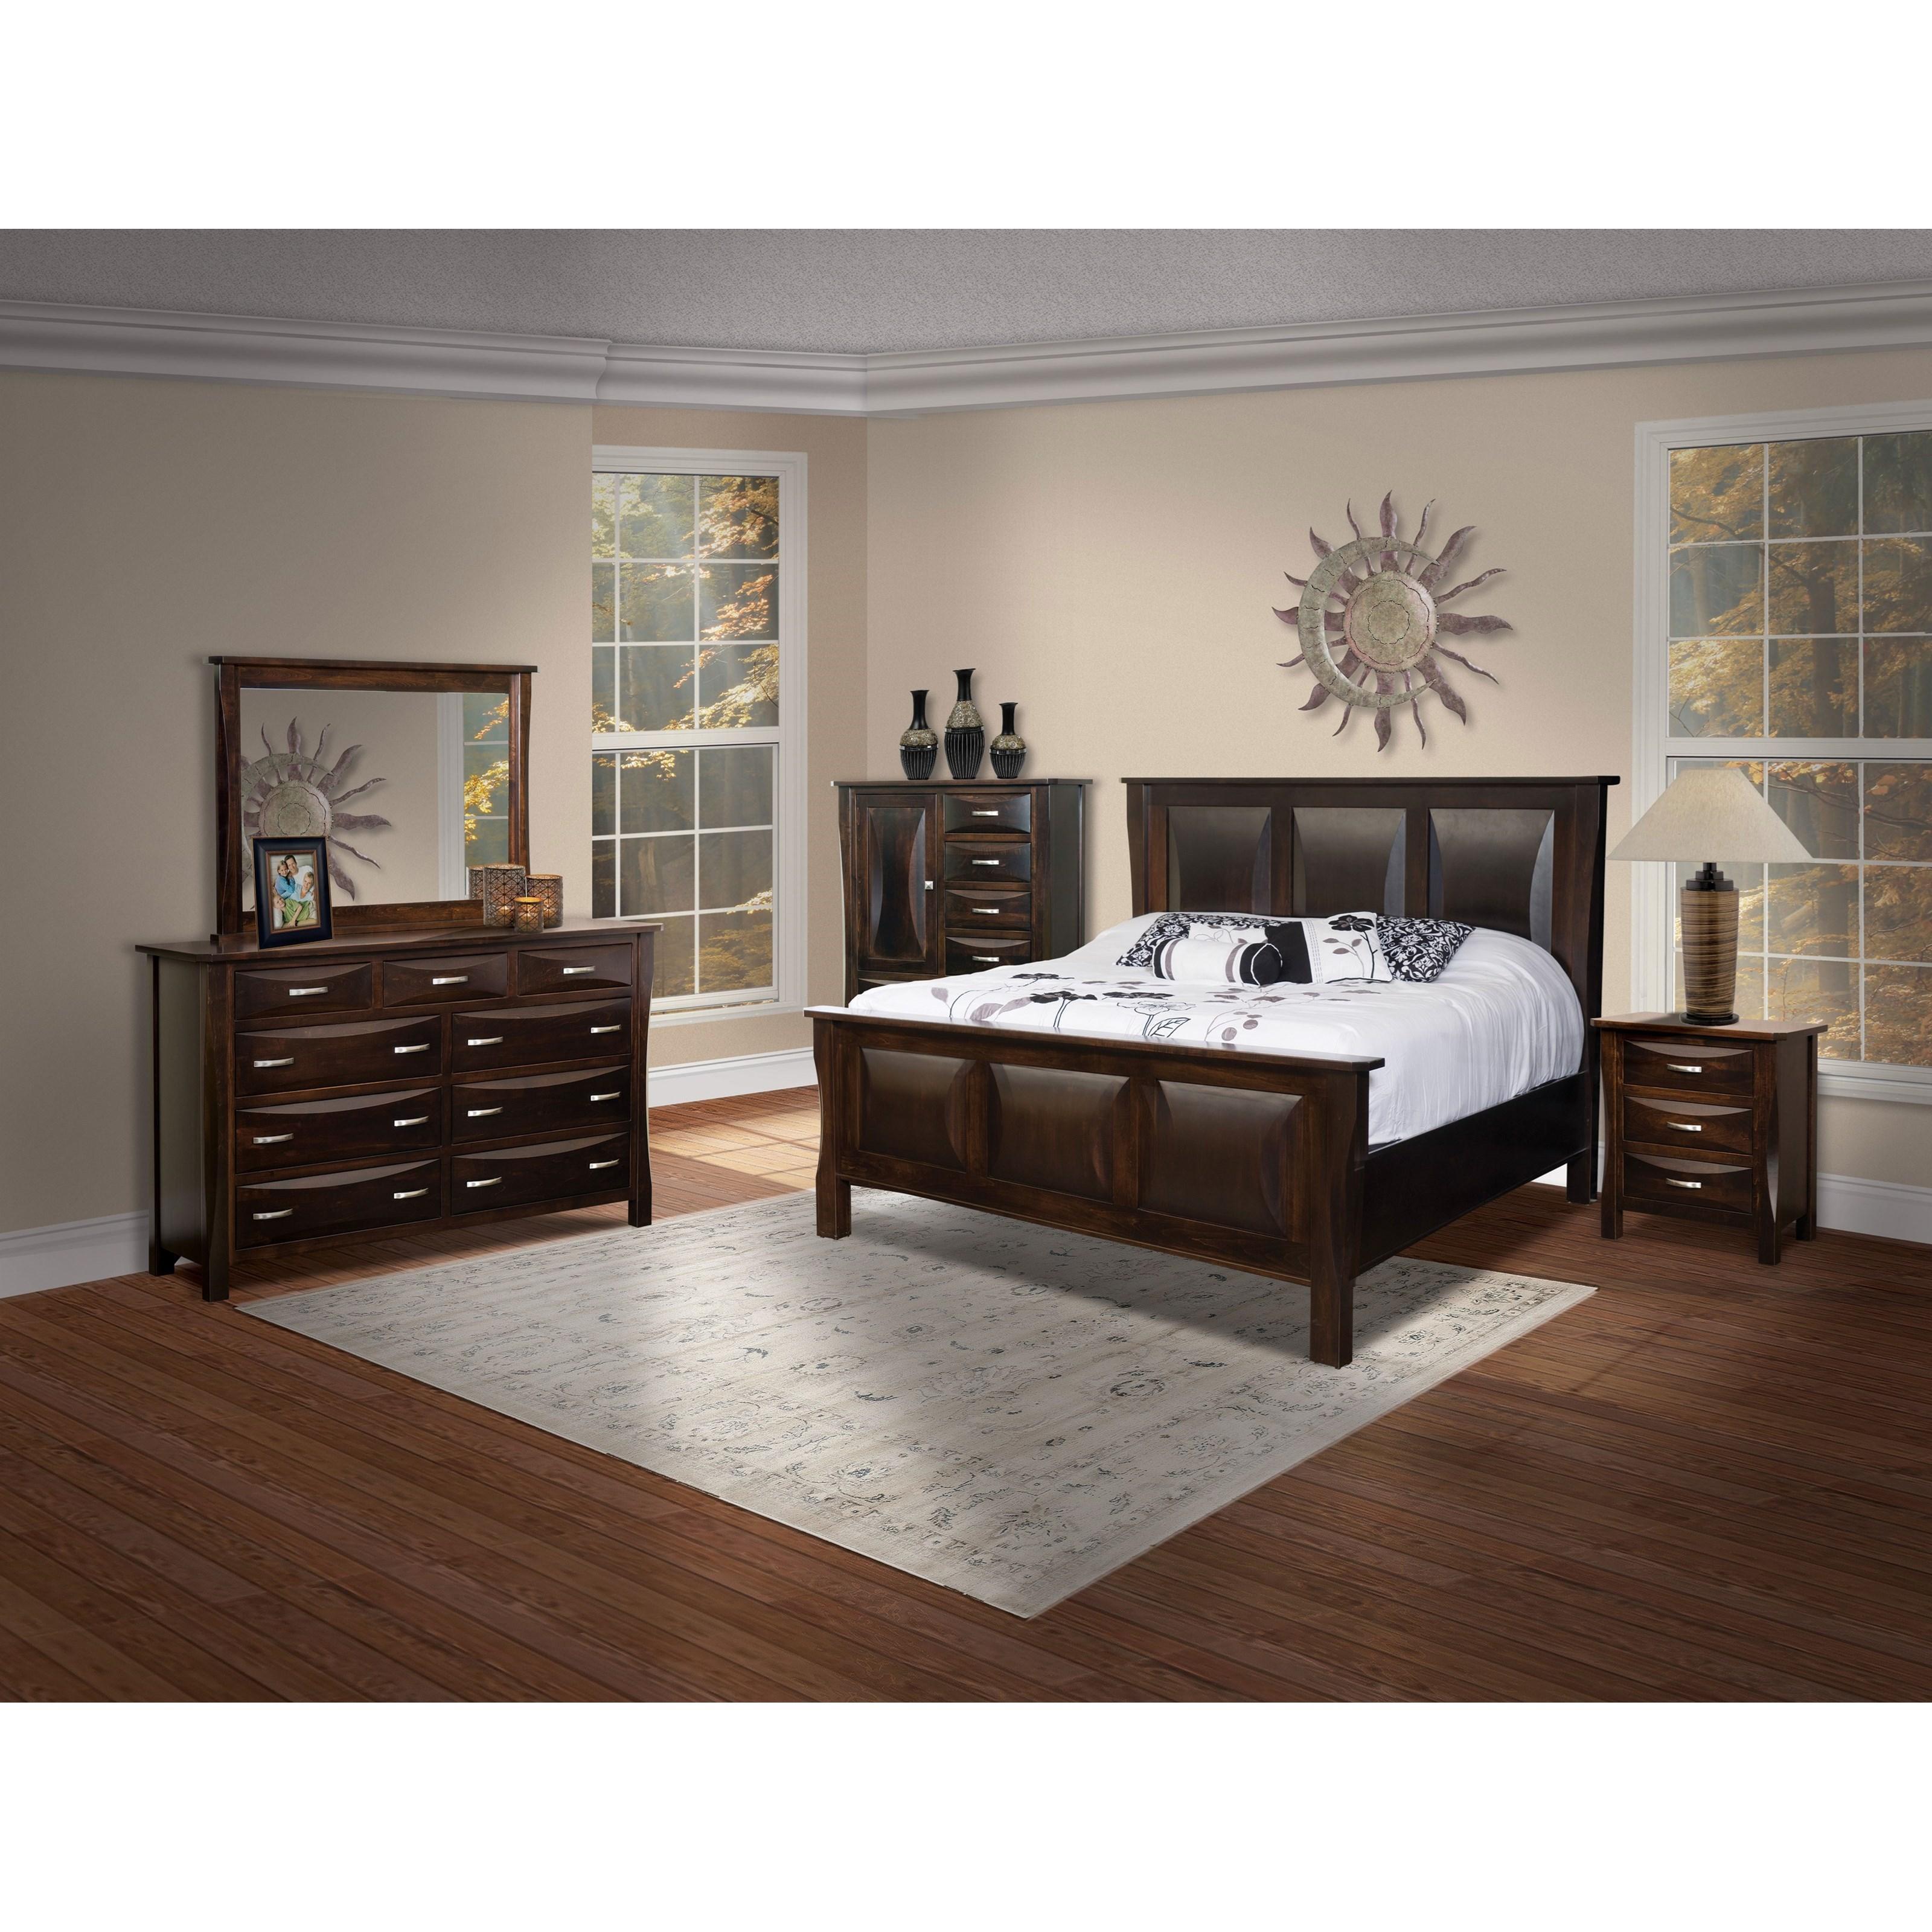 Brookside furniture preston queen bedroom group mueller furniture bedroom groups Bedroom furniture preston